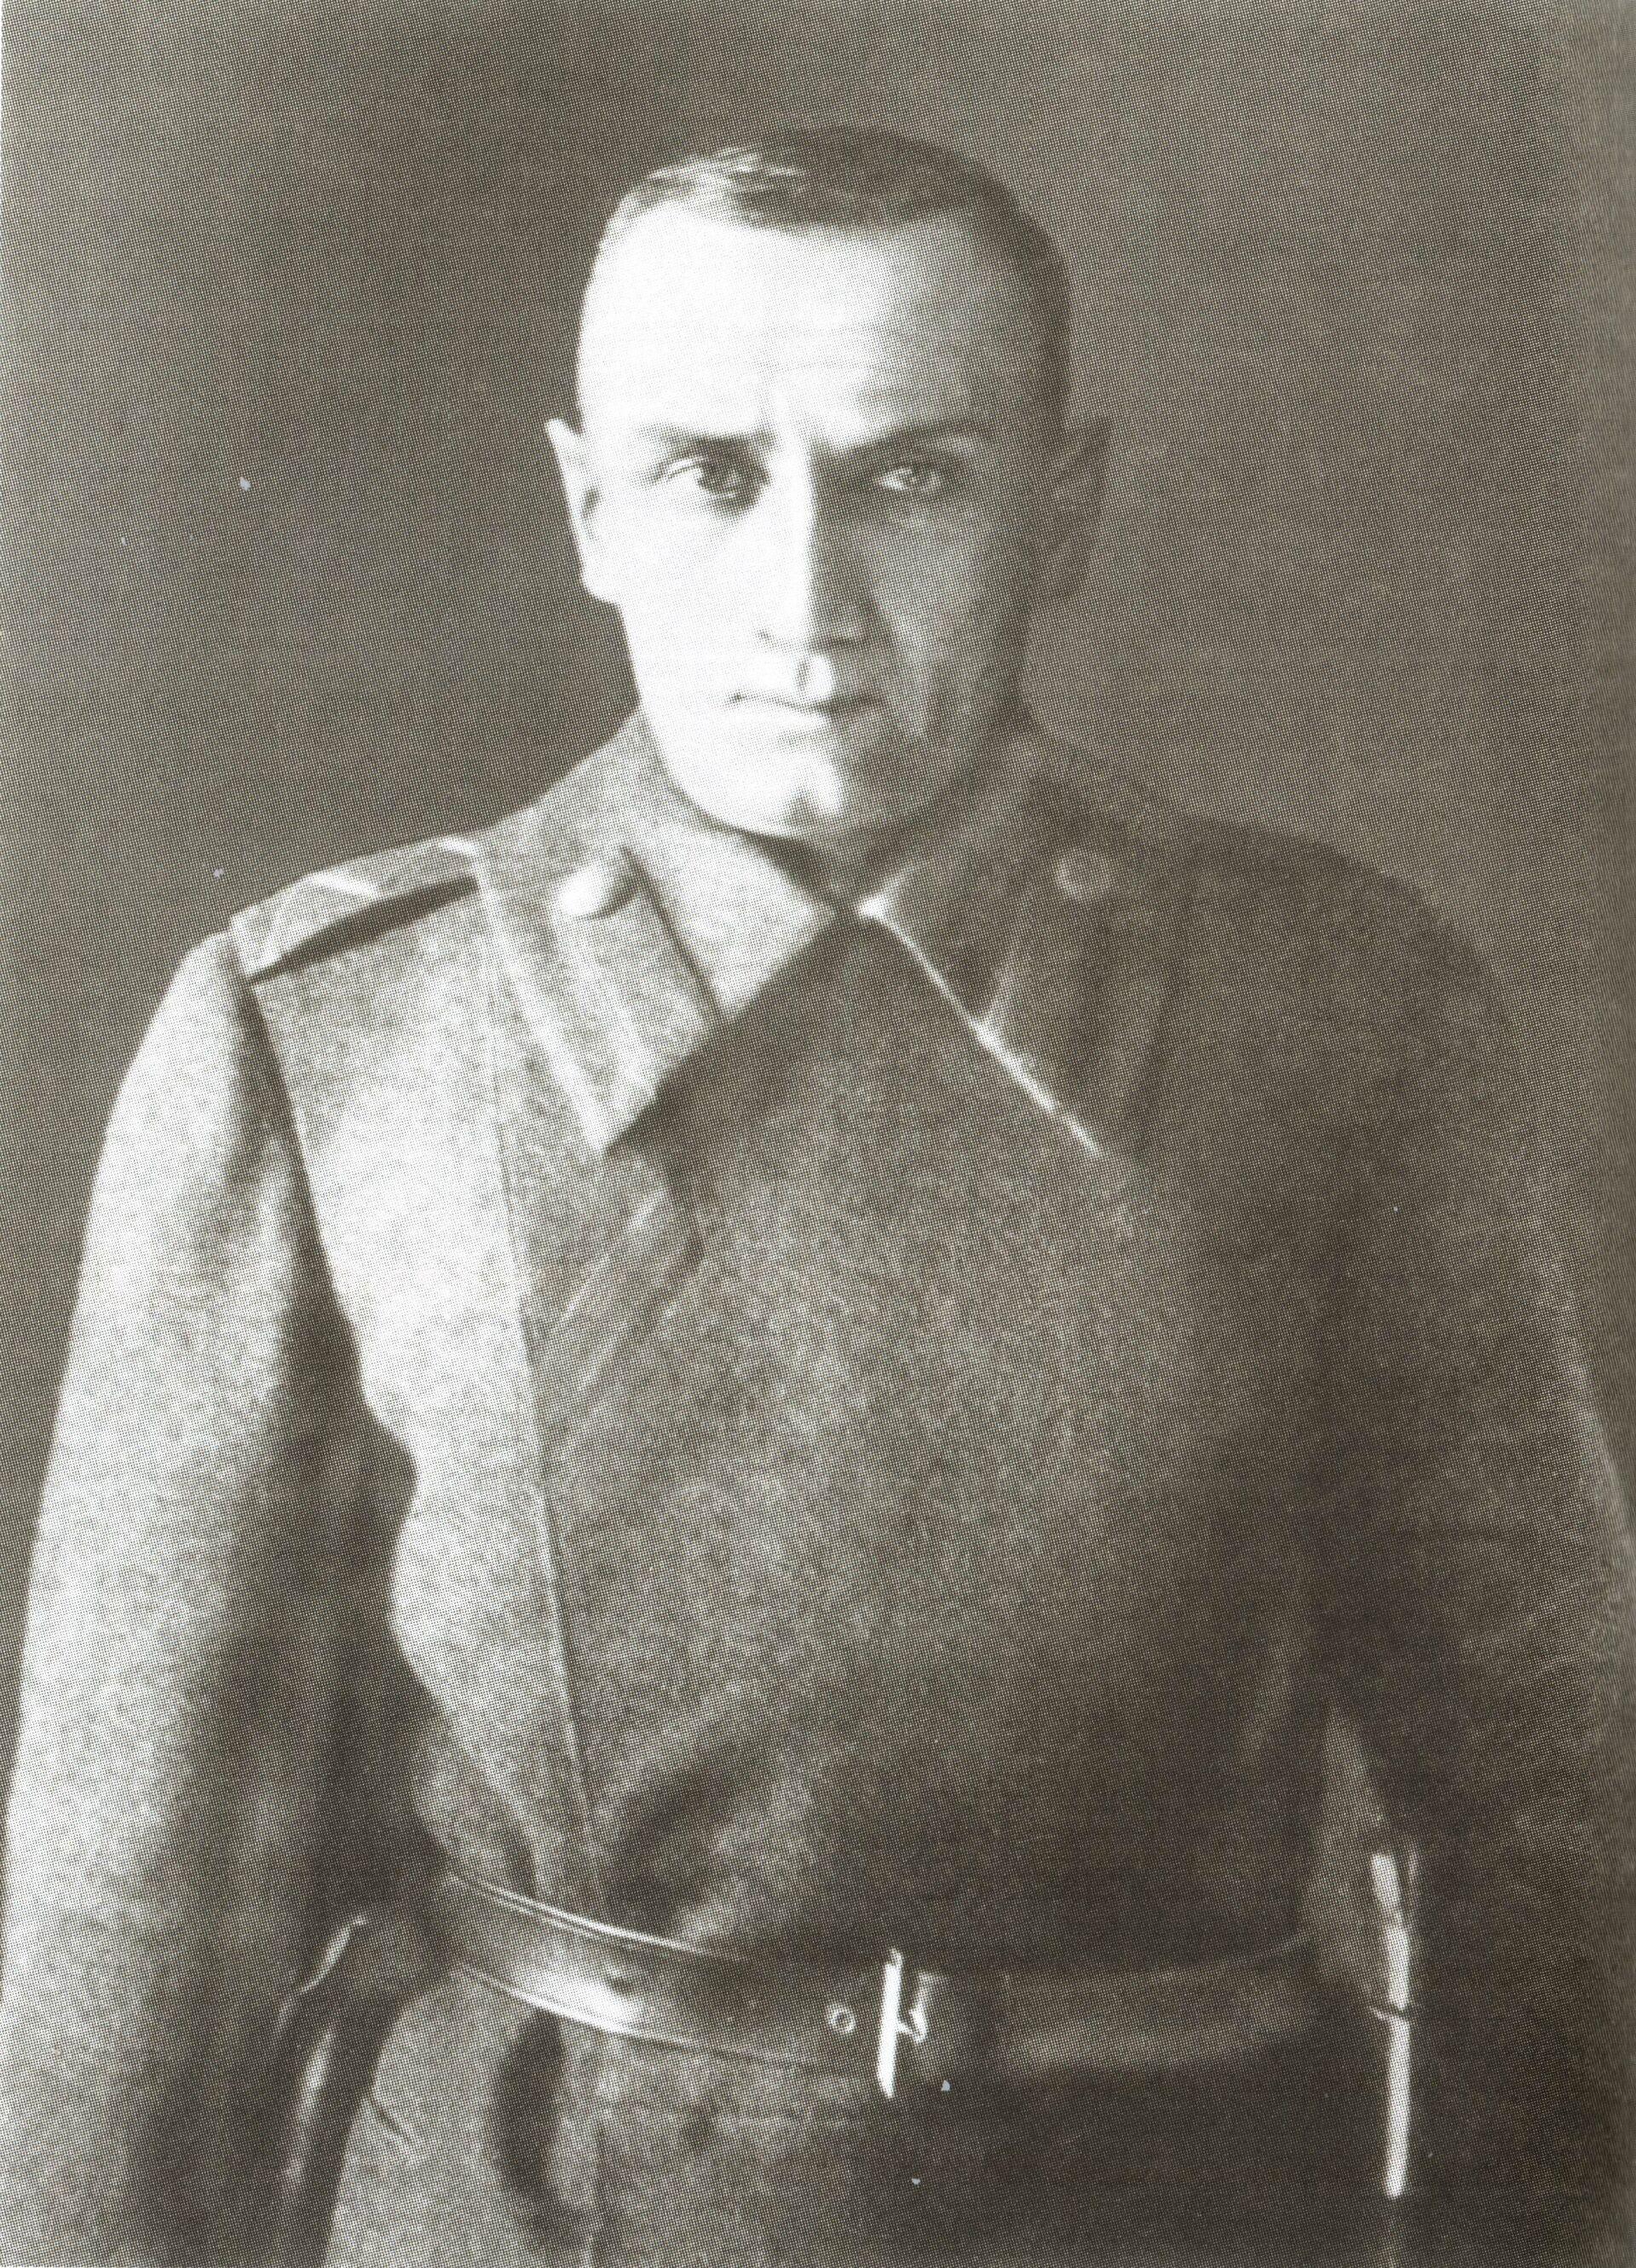 Последняя фотография Александра Колчака, сделанная после 20 января 1920 года - РИА Новости, 1920, 05.03.2021